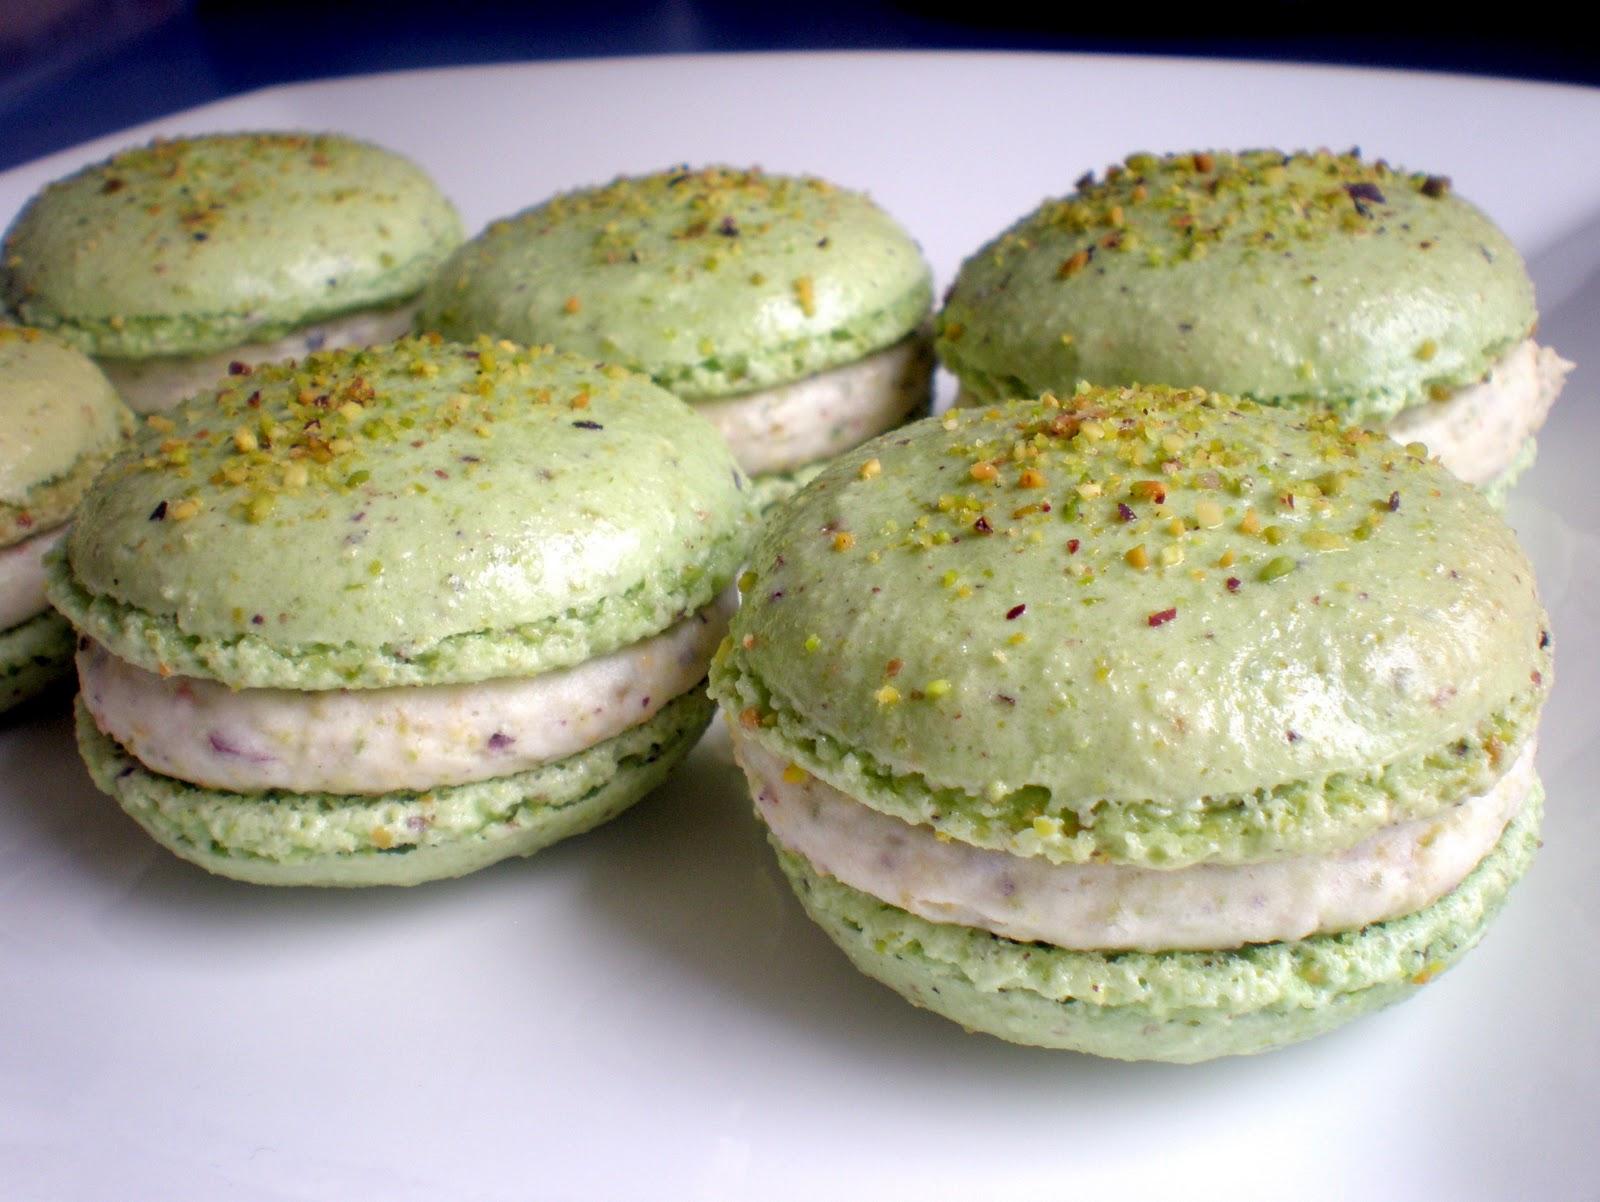 macarons green tea macarons and 4 pans of macarons pistachio macarons ...